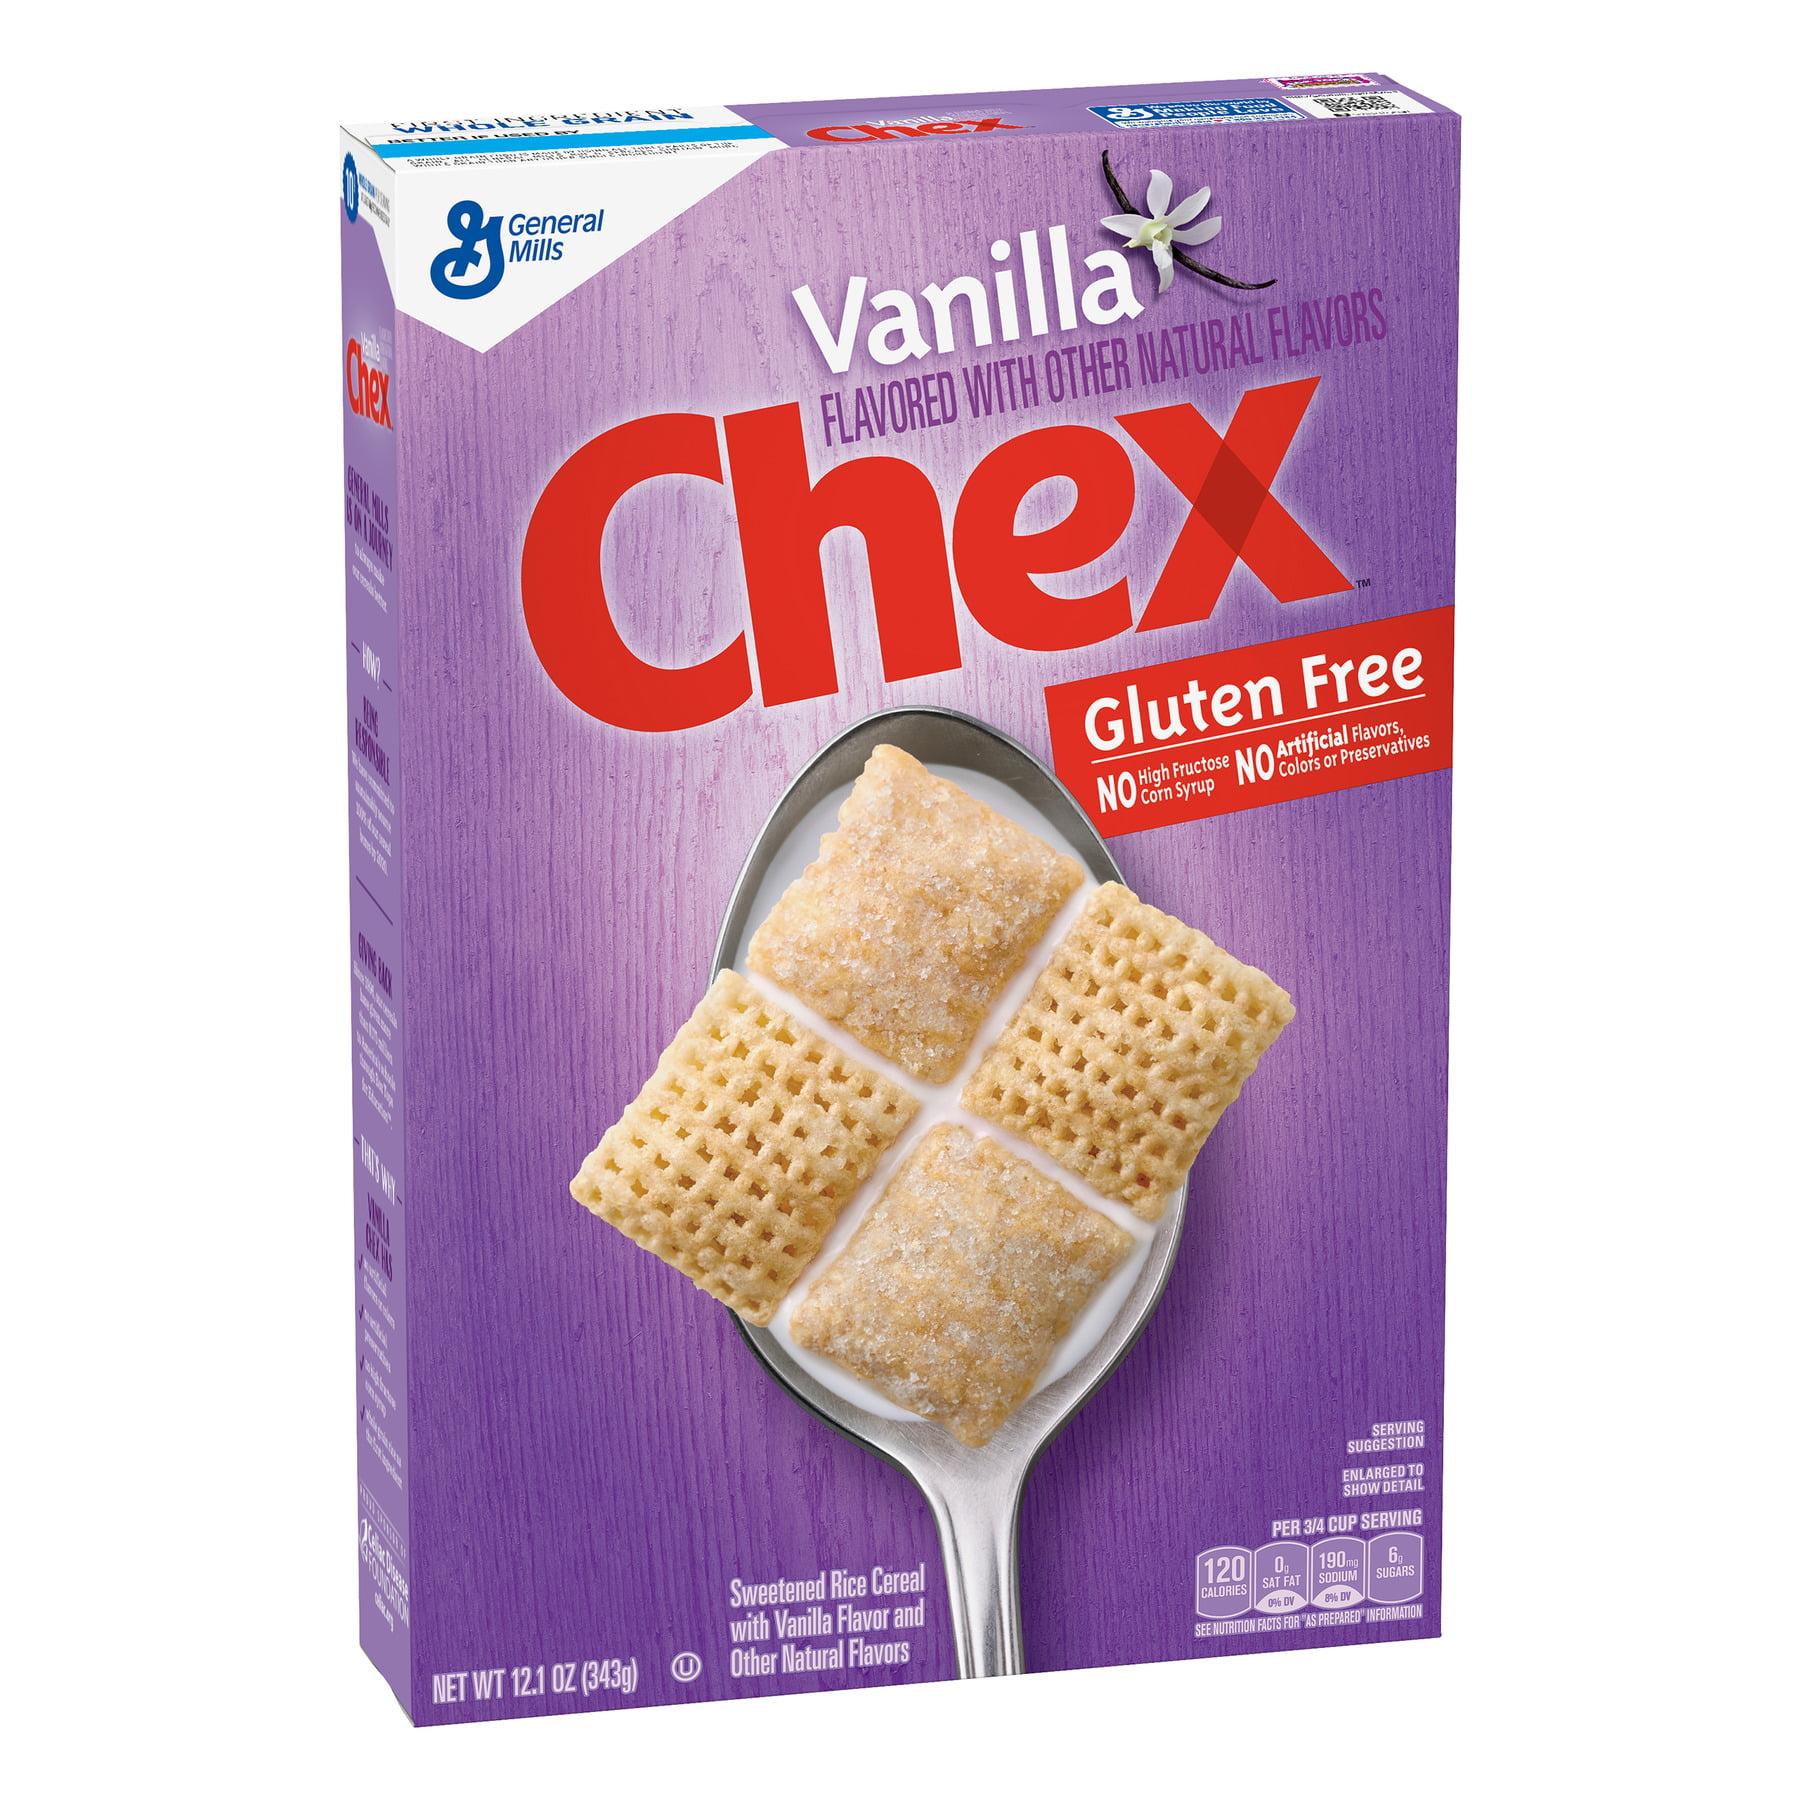 Vanilla Chex Cereal, Gluten-Free Cereal, 12.1 oz Box